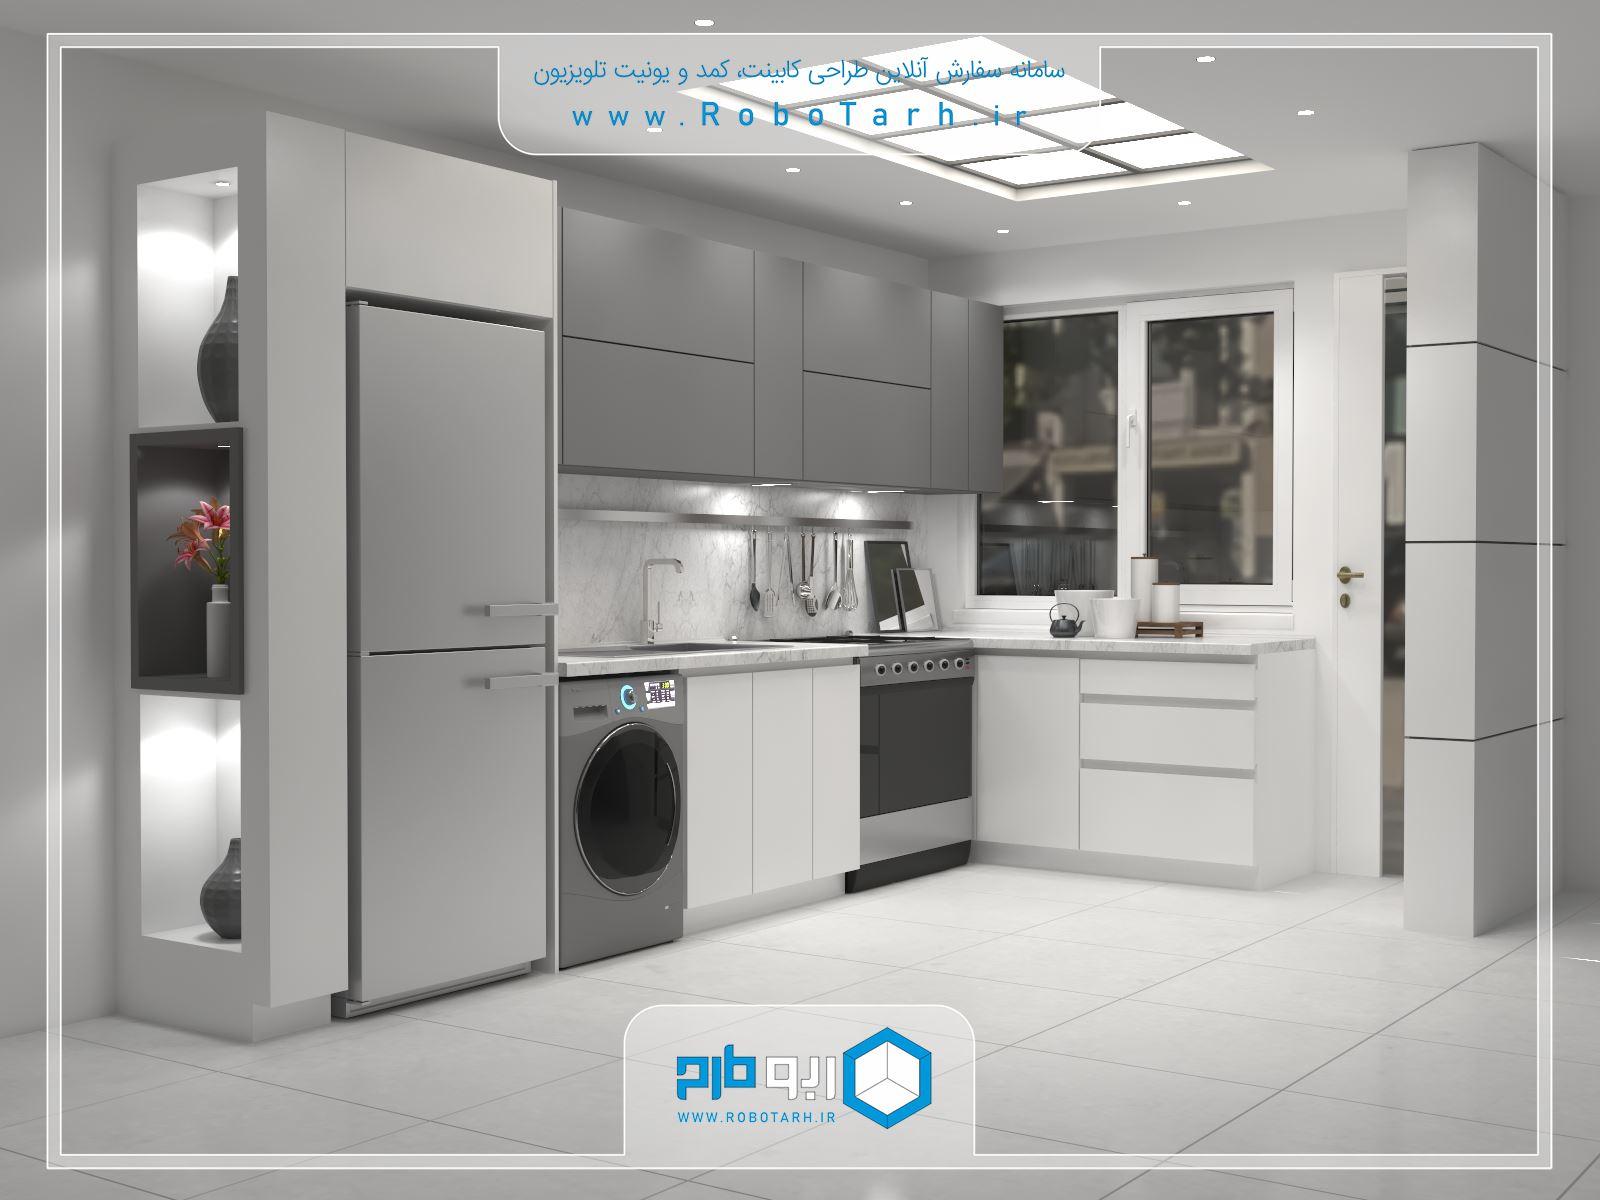 کابینت آشپزخانه کوچک سفید رنگ